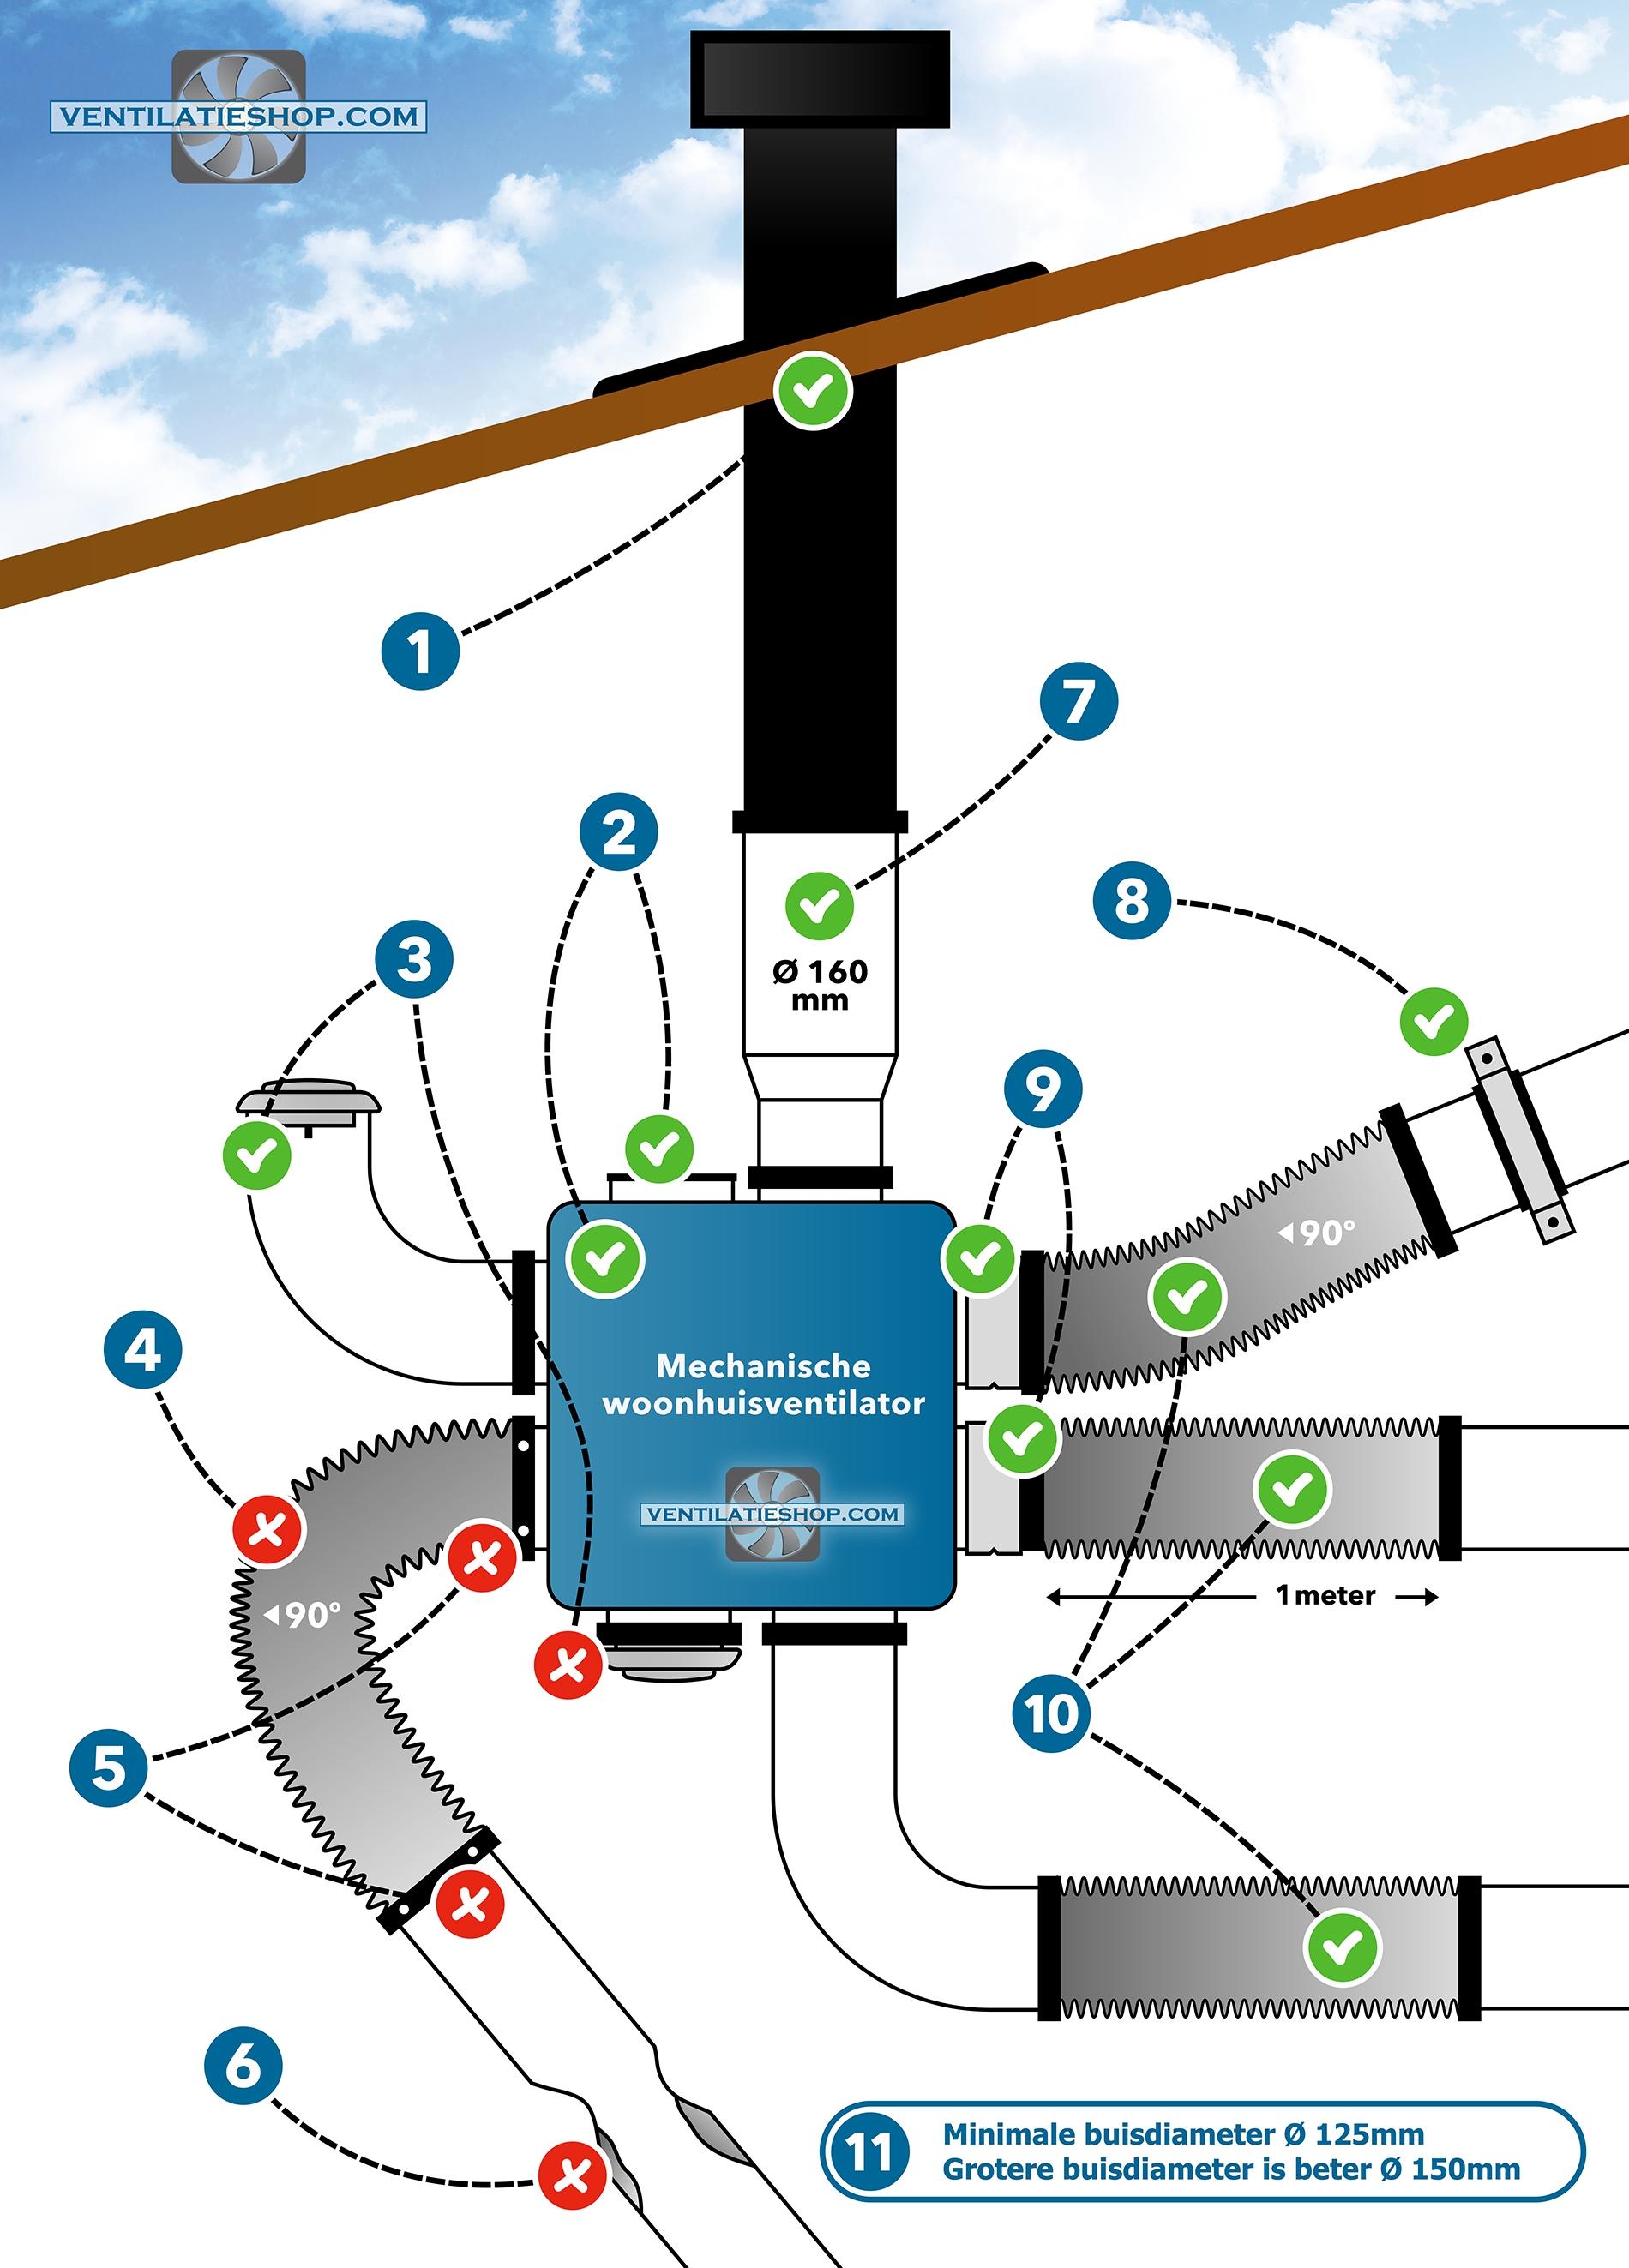 Hoe installeert u een woonhuisventilator? - Ventilatieshop